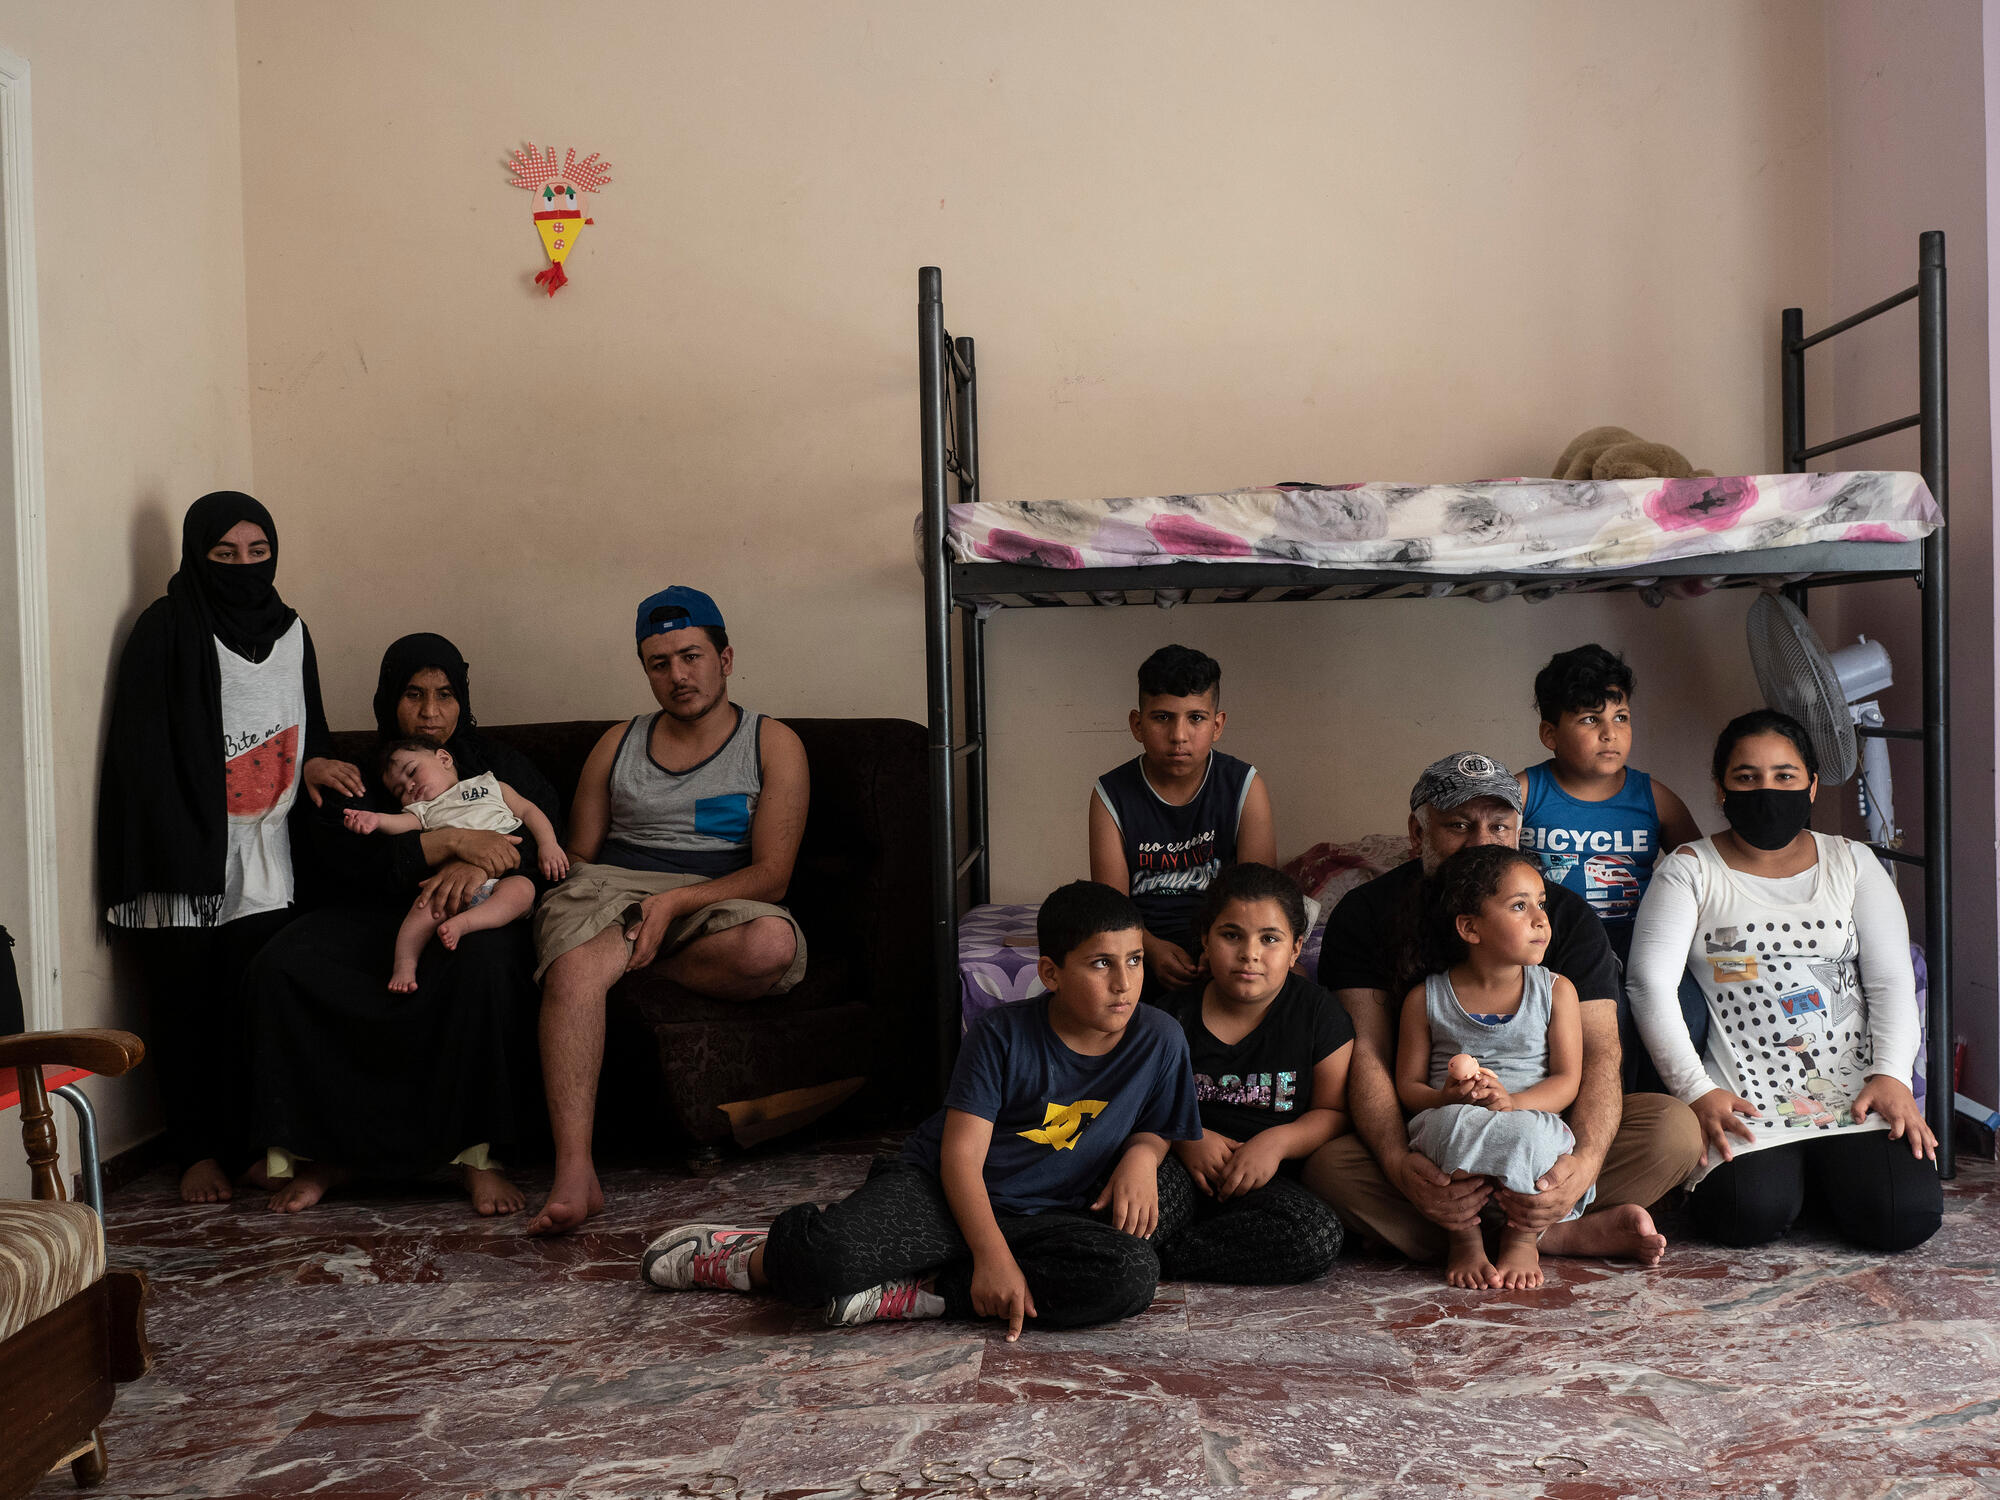 Portrait de la famille d'Aboo Abdul à Athènes, août 2020, crédit : Enri CANAJ/MAGNUM Photos